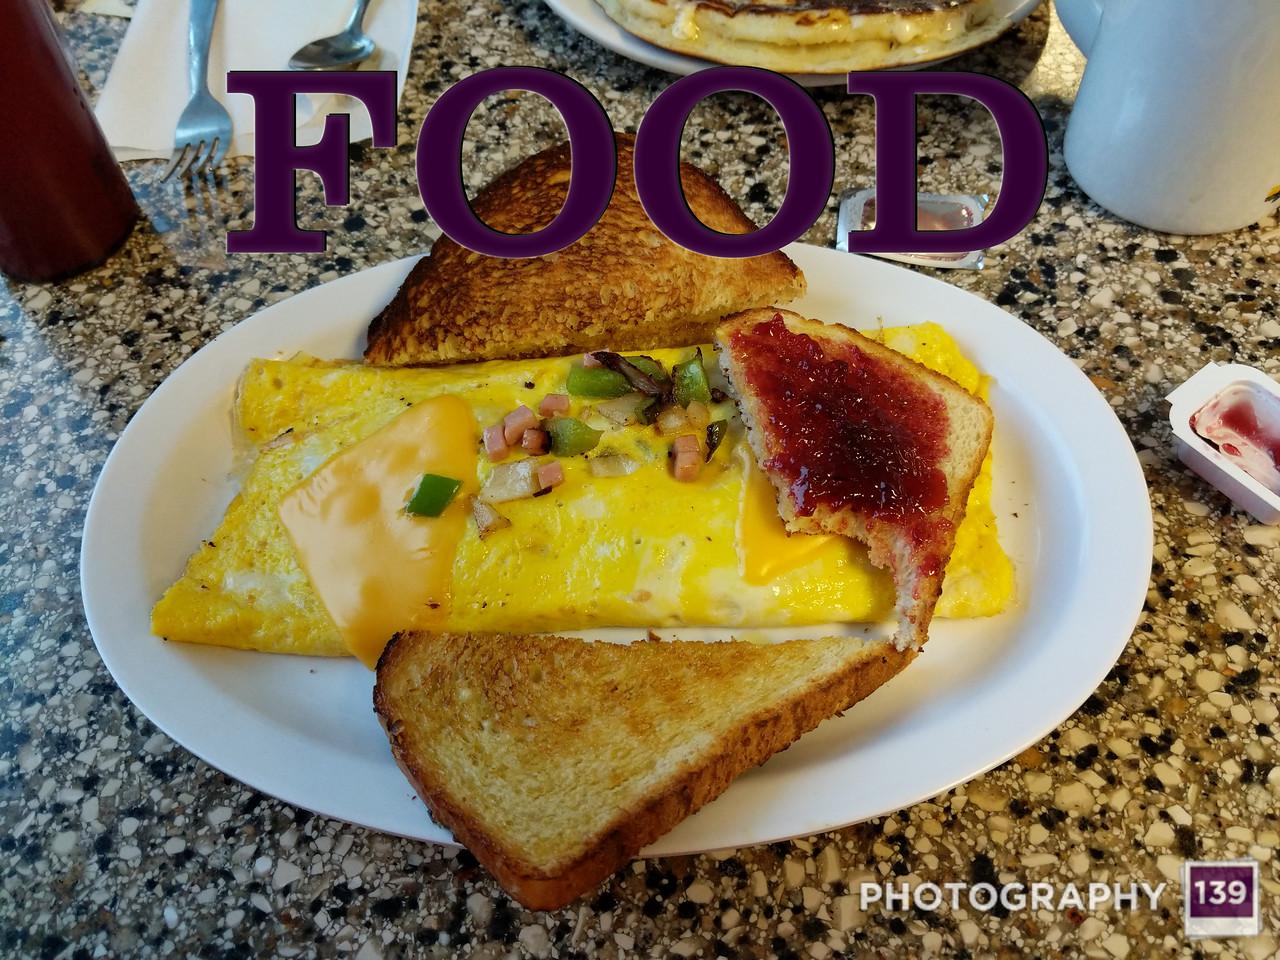 WEEK 226 - FOOD